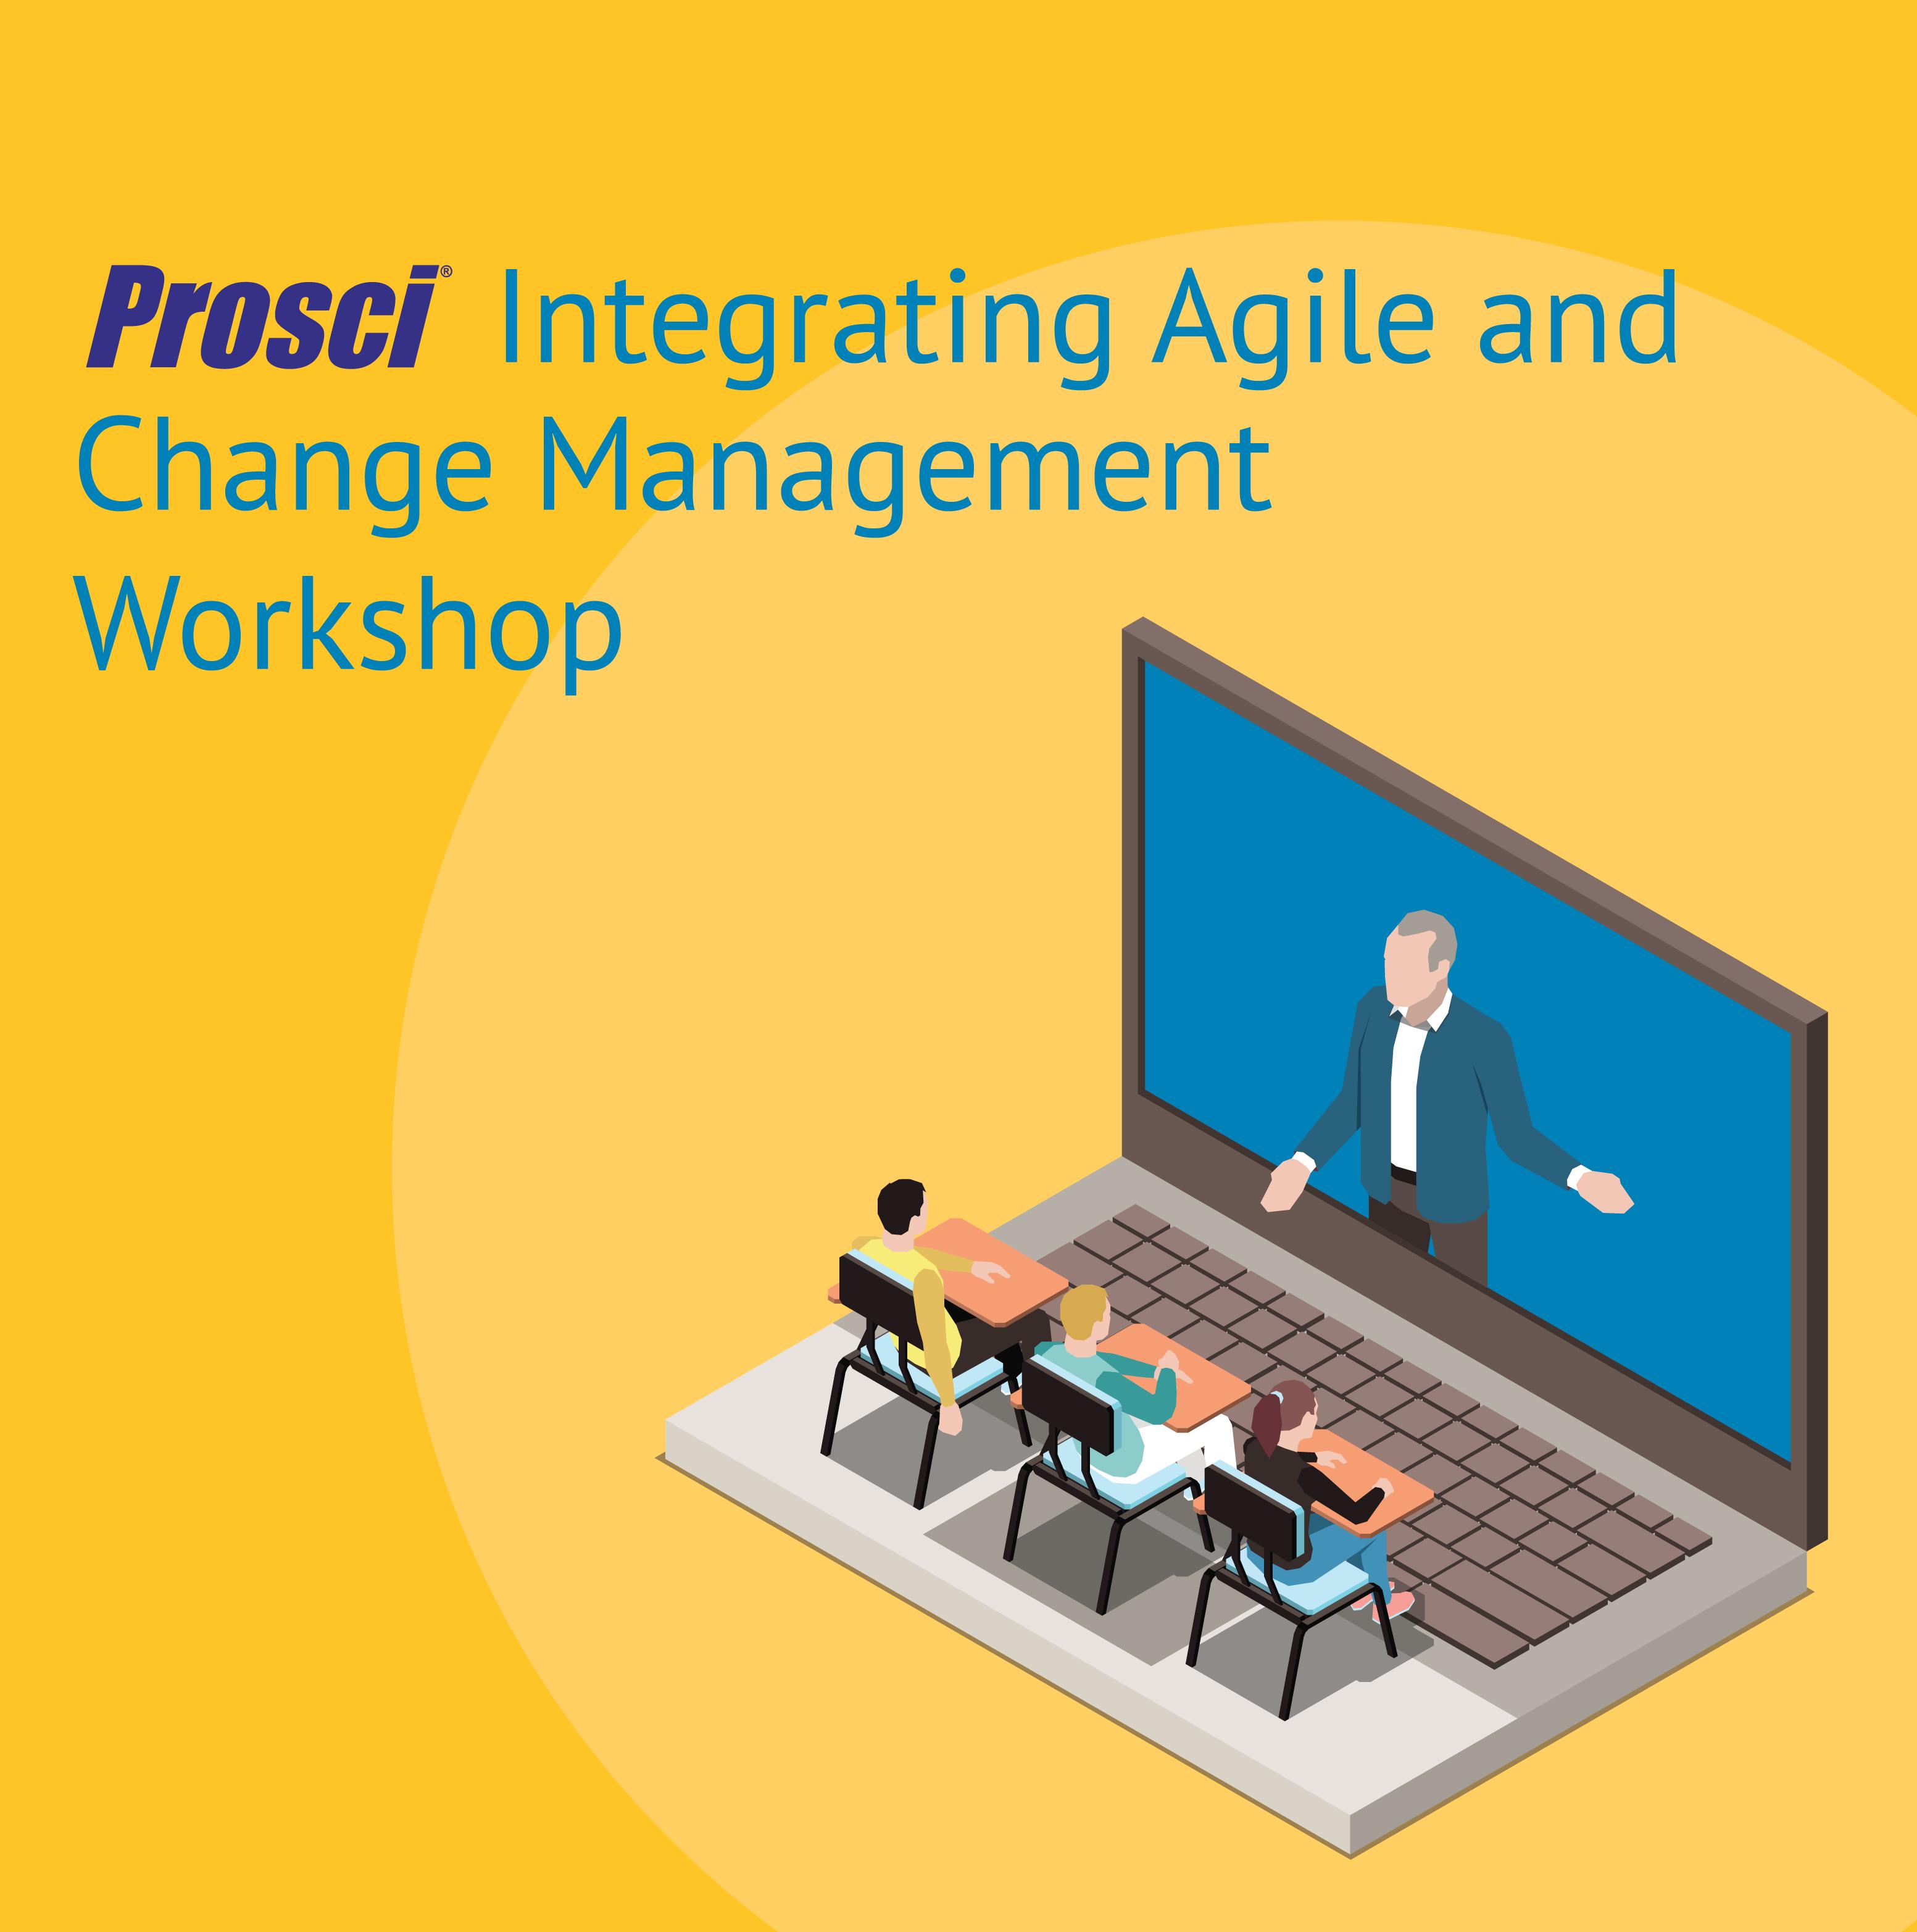 INTEGRATING-AGILE-AND-CHANGE-MANAGEMENT-WORKSHOP